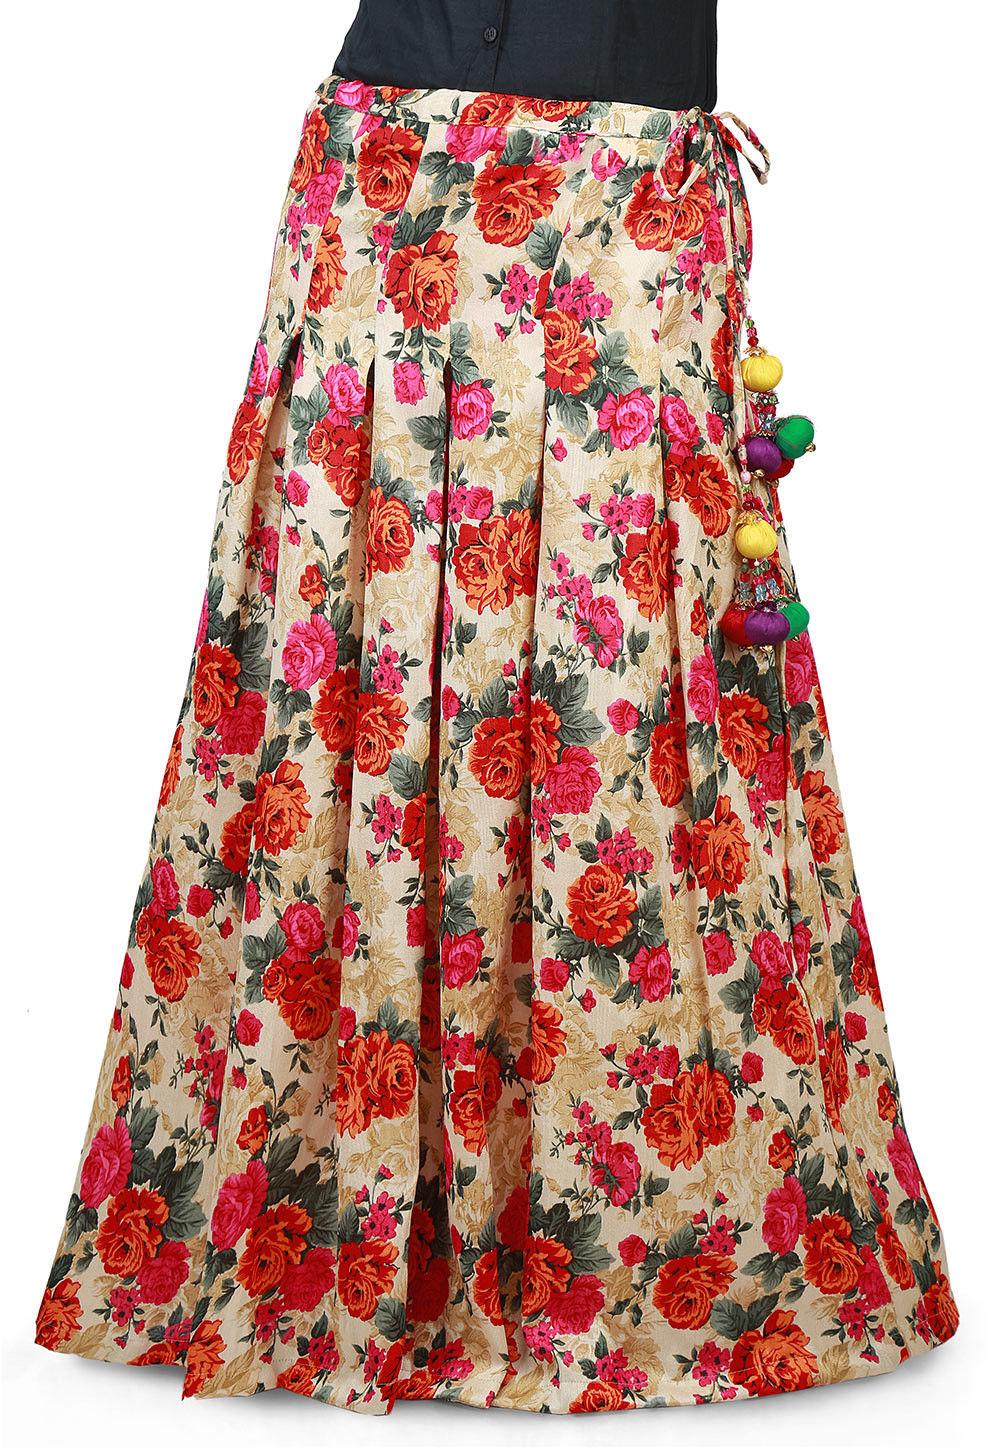 Floral Printed Bhagalpuri Silk Pleated Long Skirt in Beige